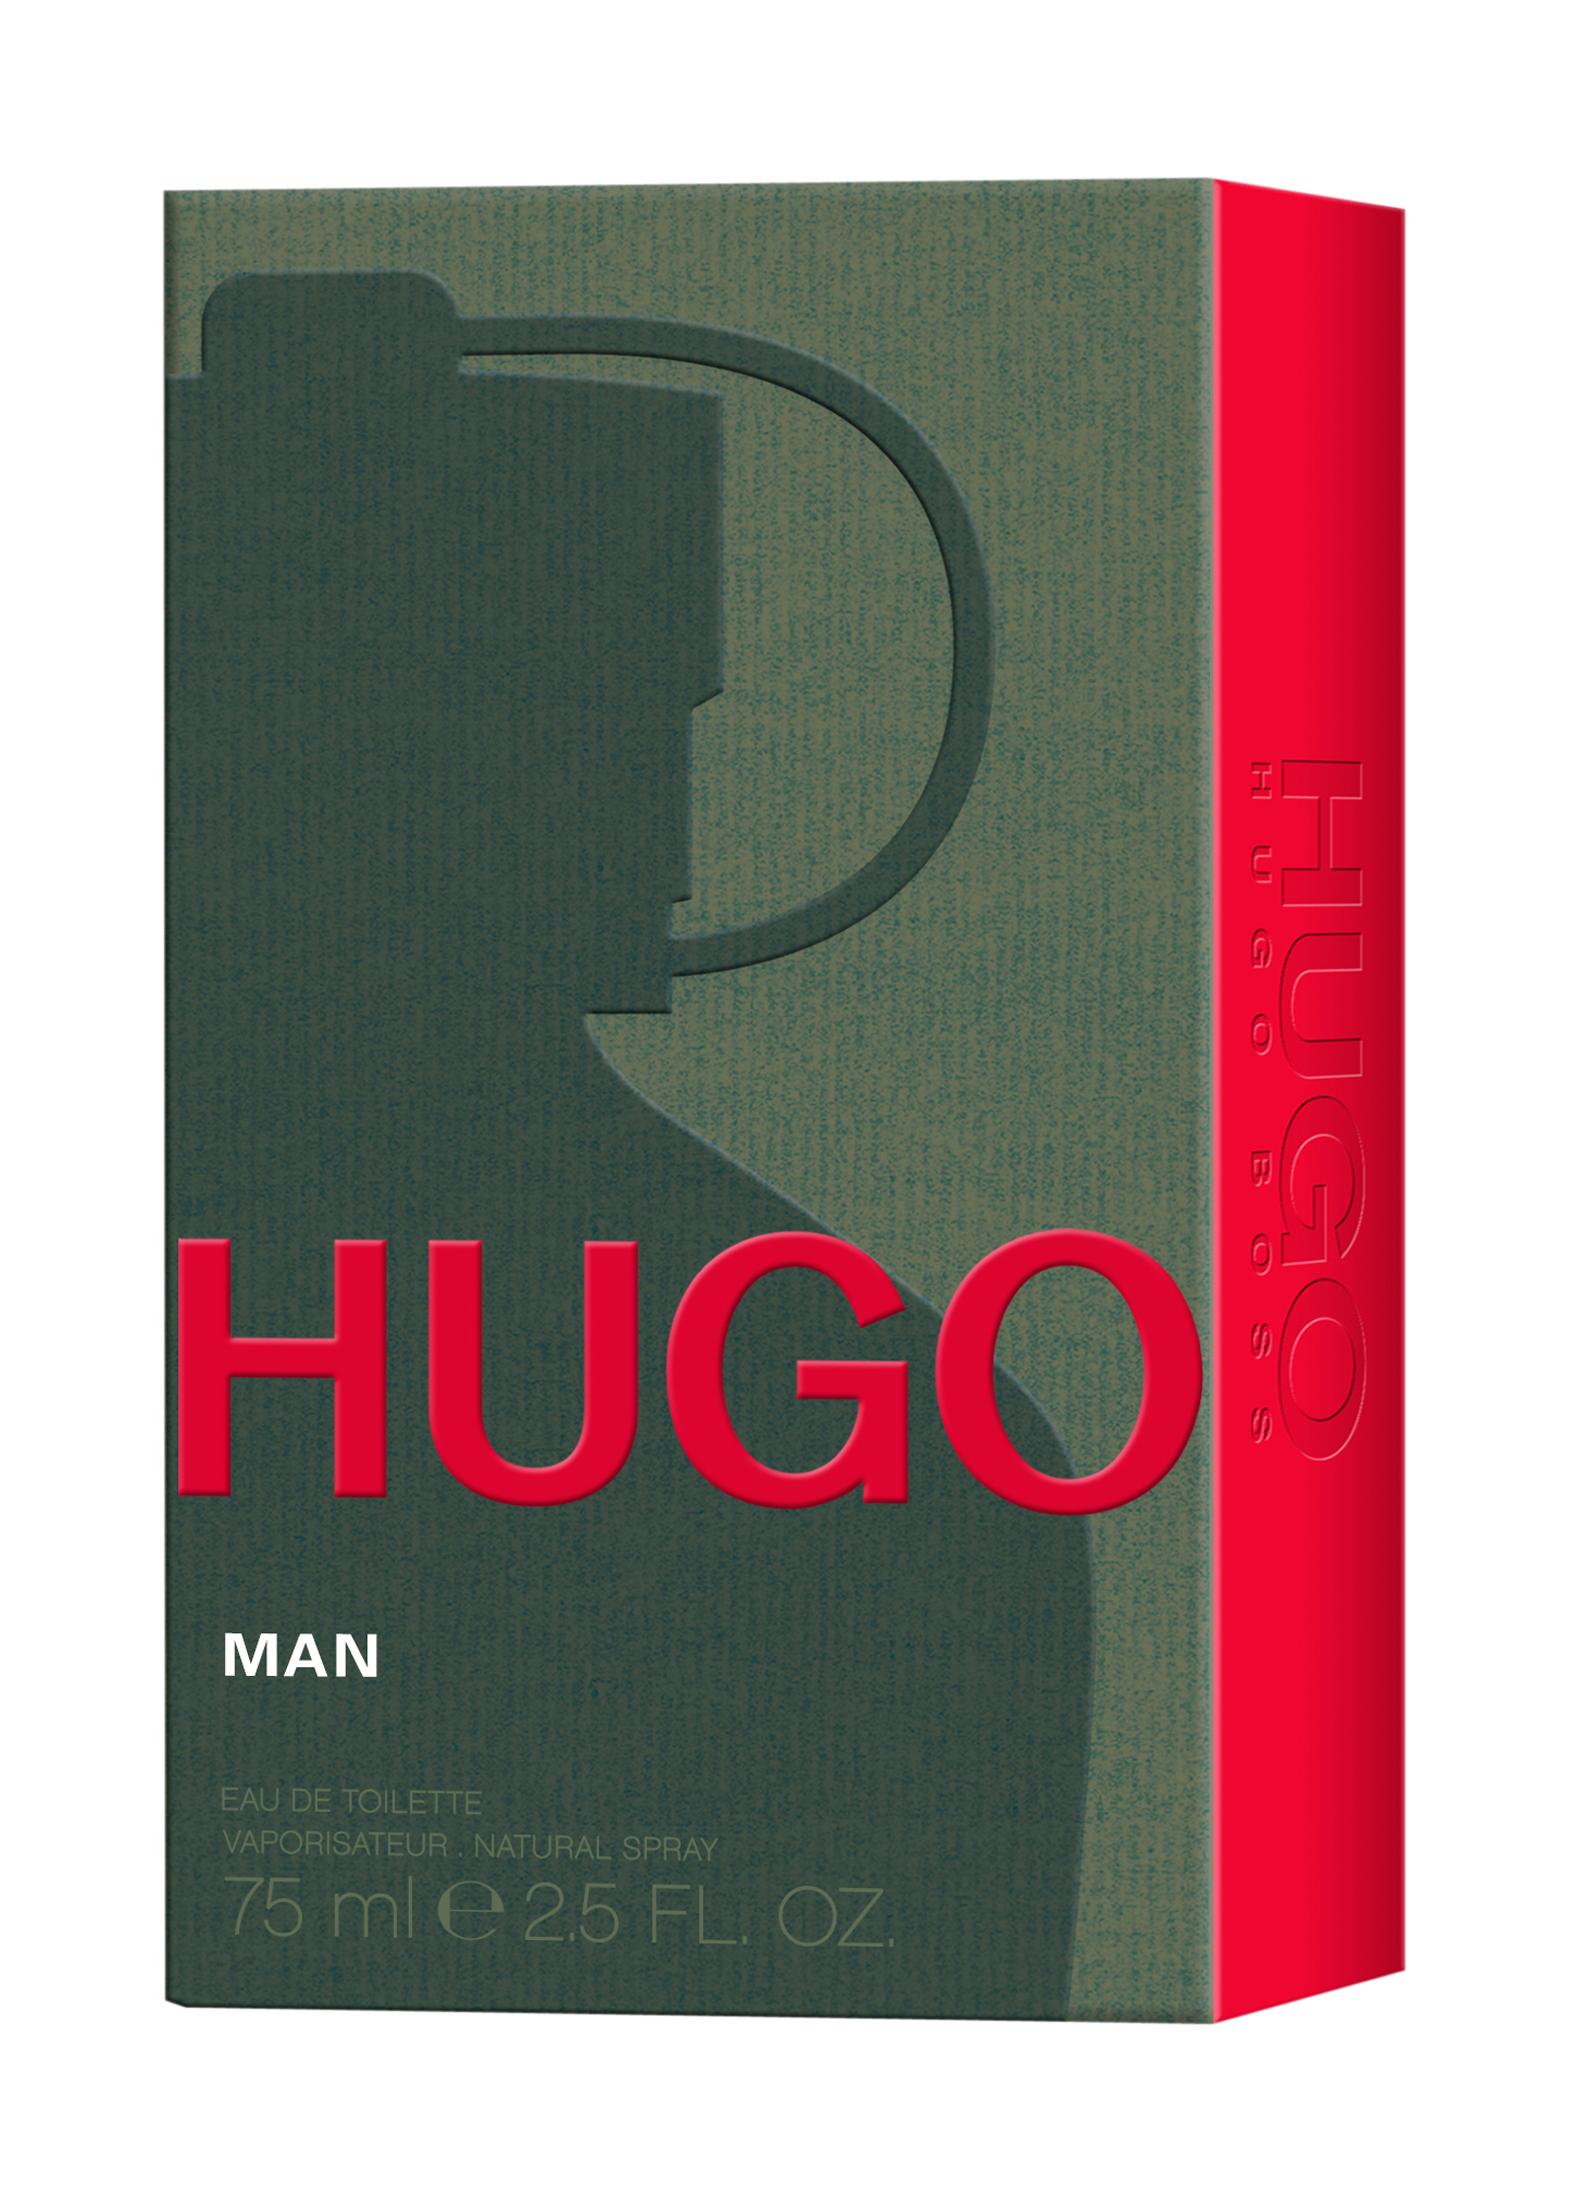 HUGO MAN EDT 75ML image number 1